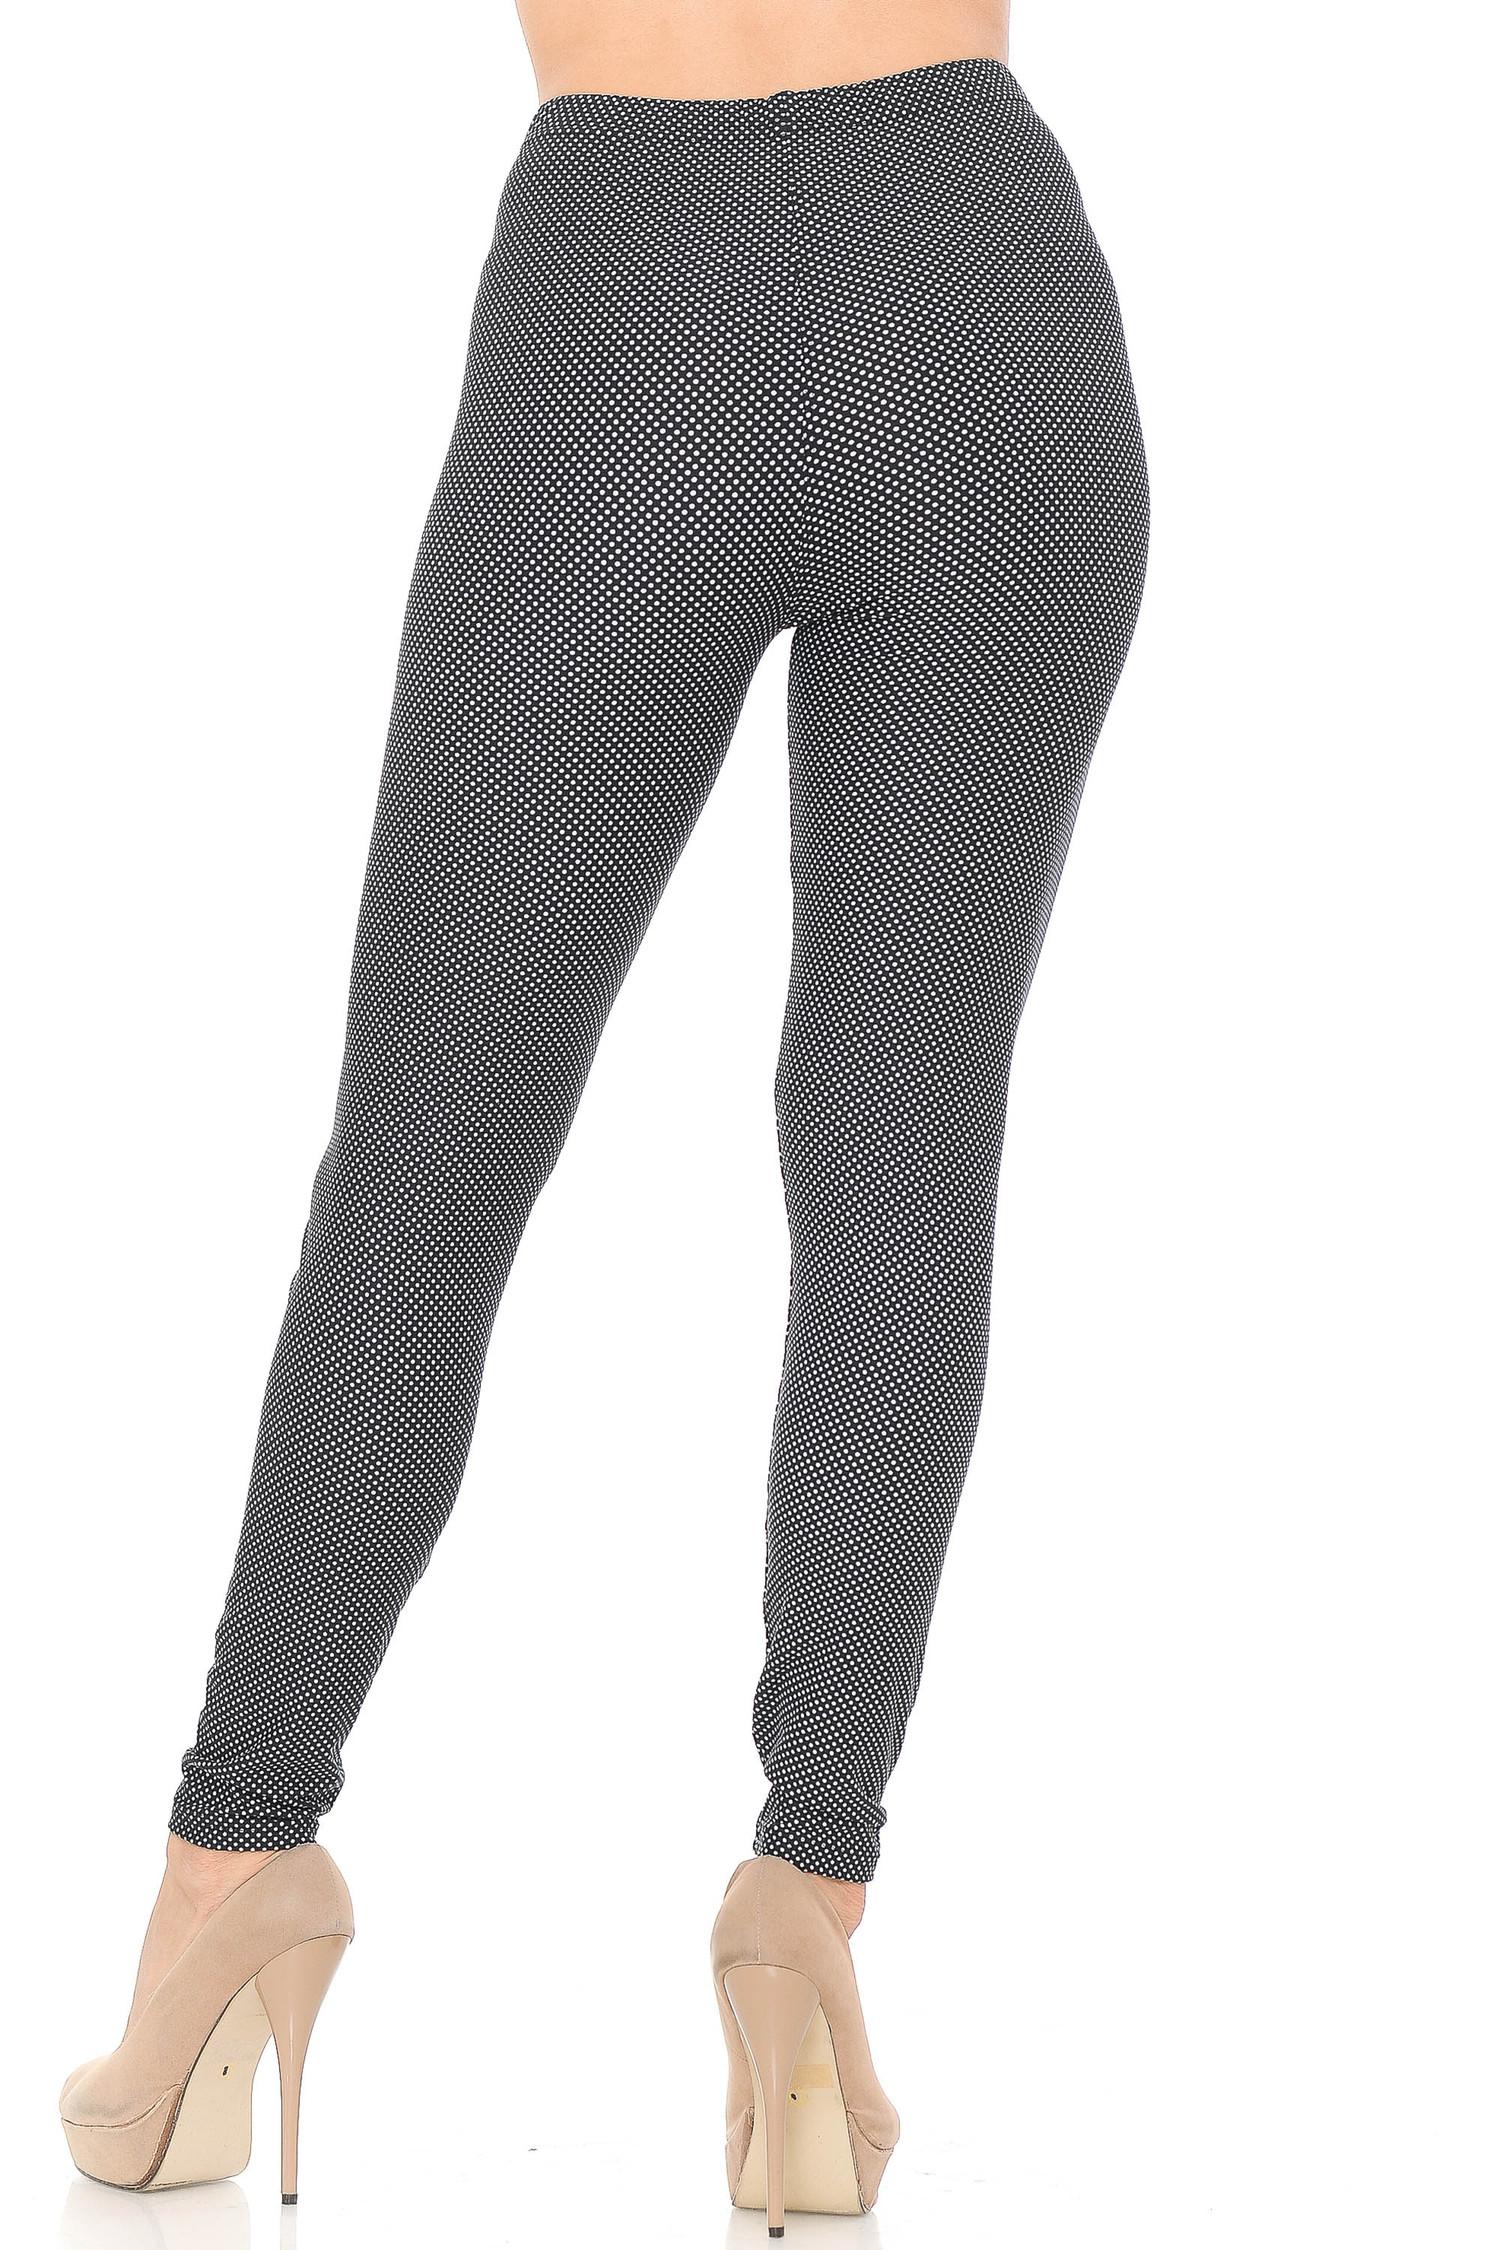 Brushed  Mini Polka Dot Plus Size Leggings